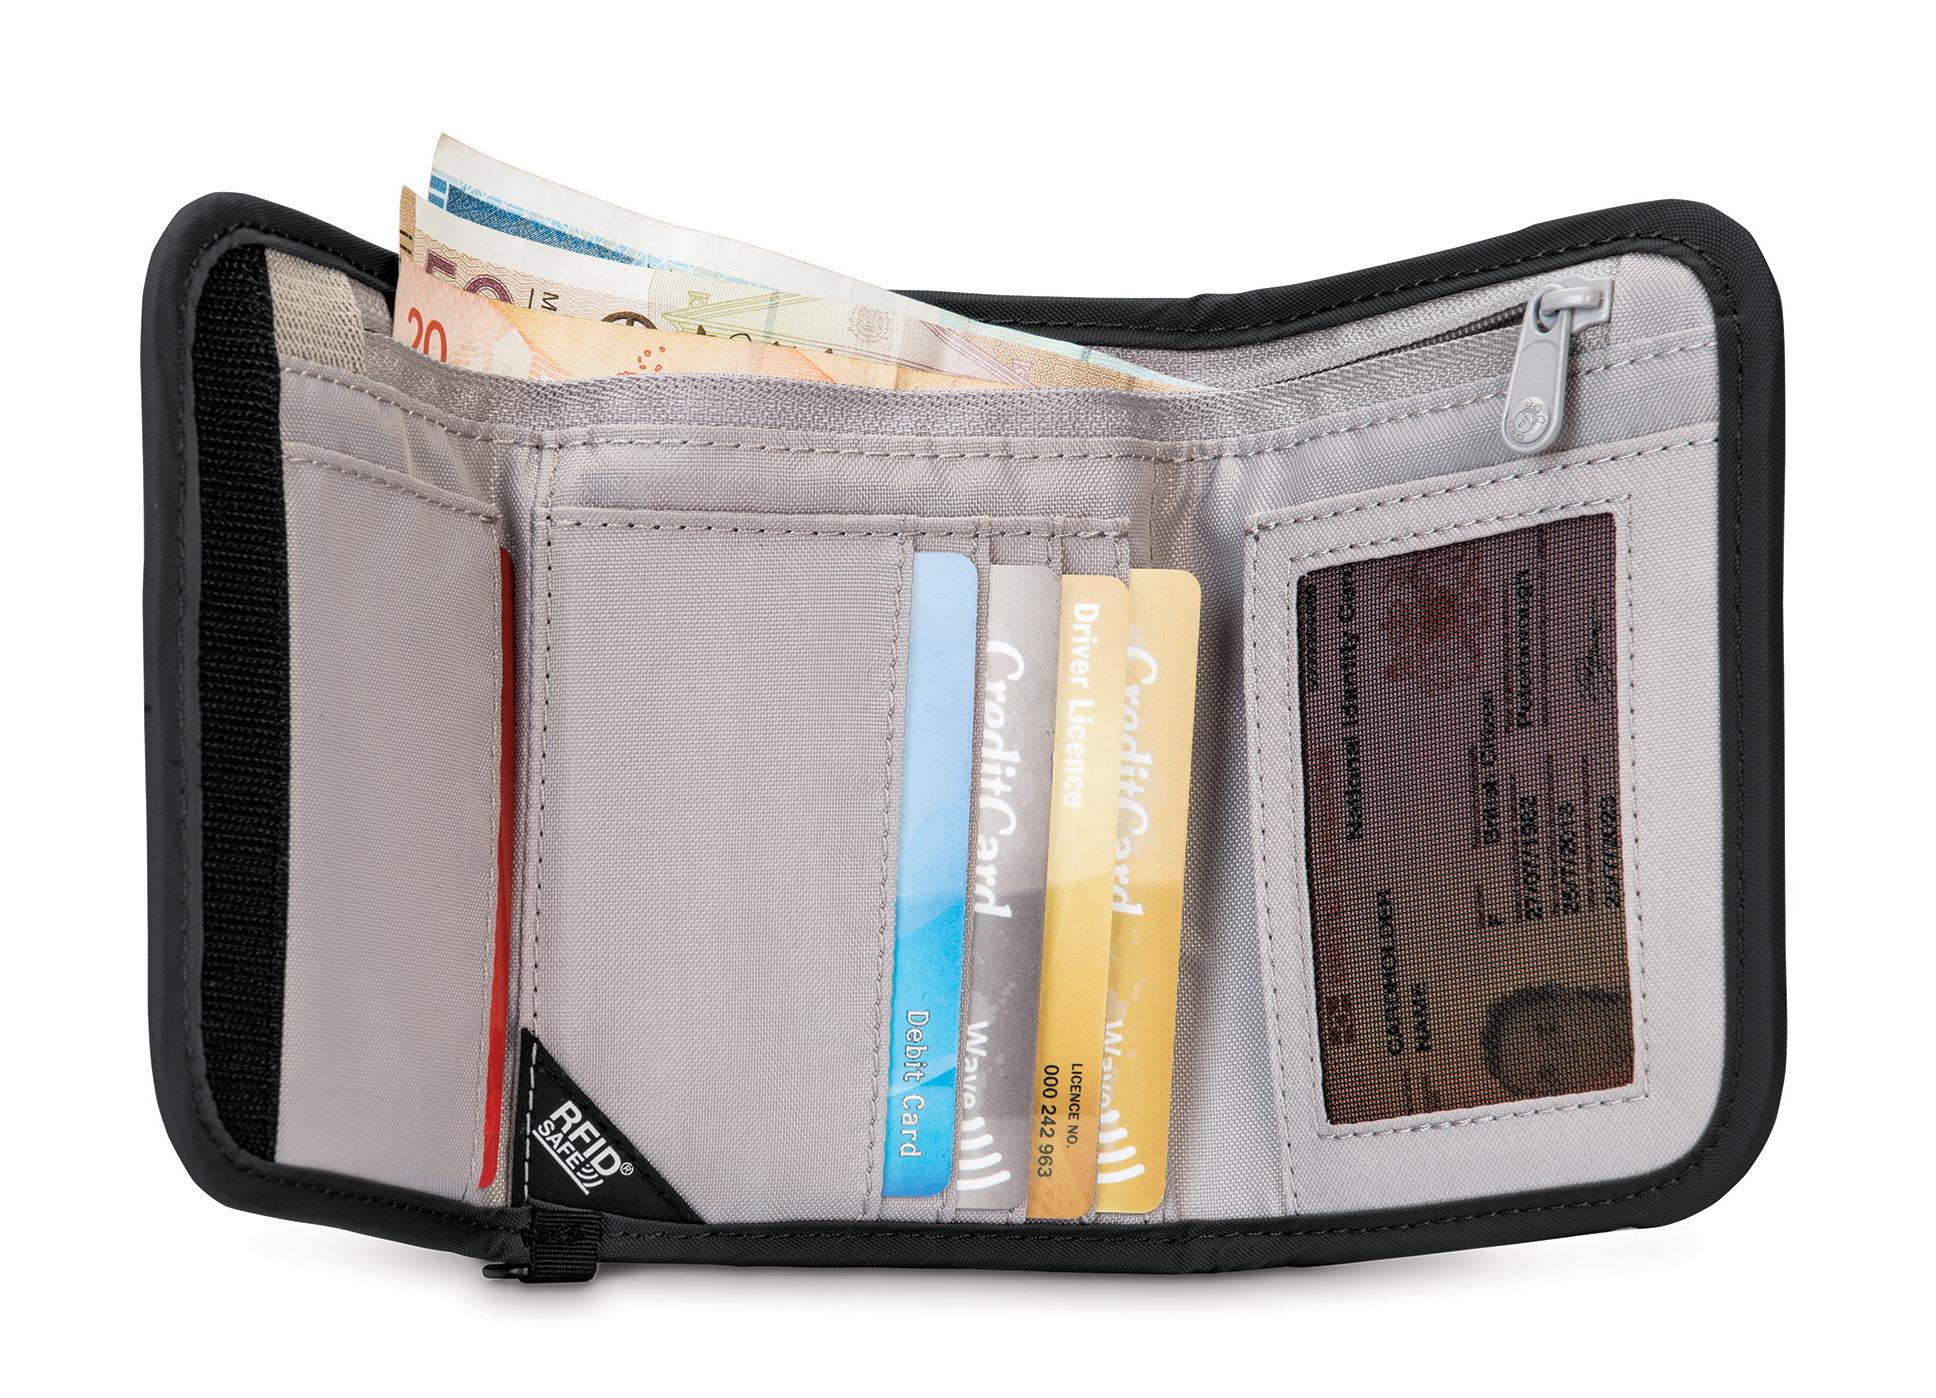 97c0f5151ce Pacsafe RFID safe V125 Trifold Wallet - Unisex | MEC